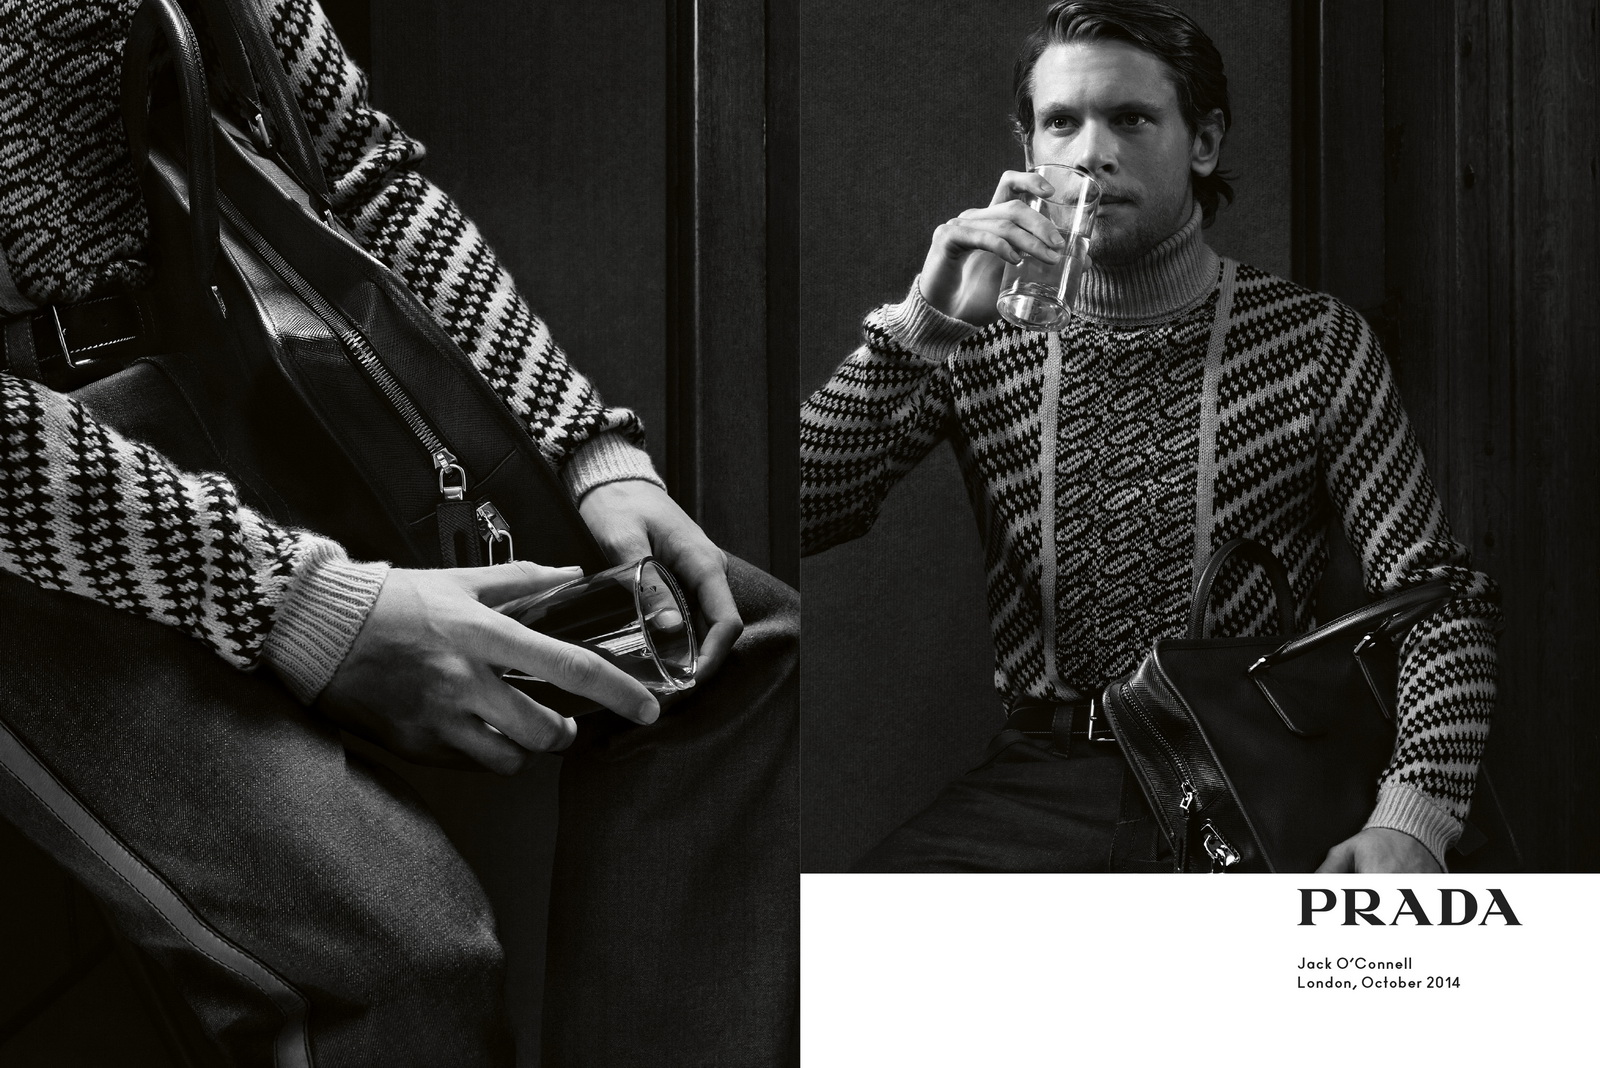 Prada SS15 Menswear Adv Campaign image_02